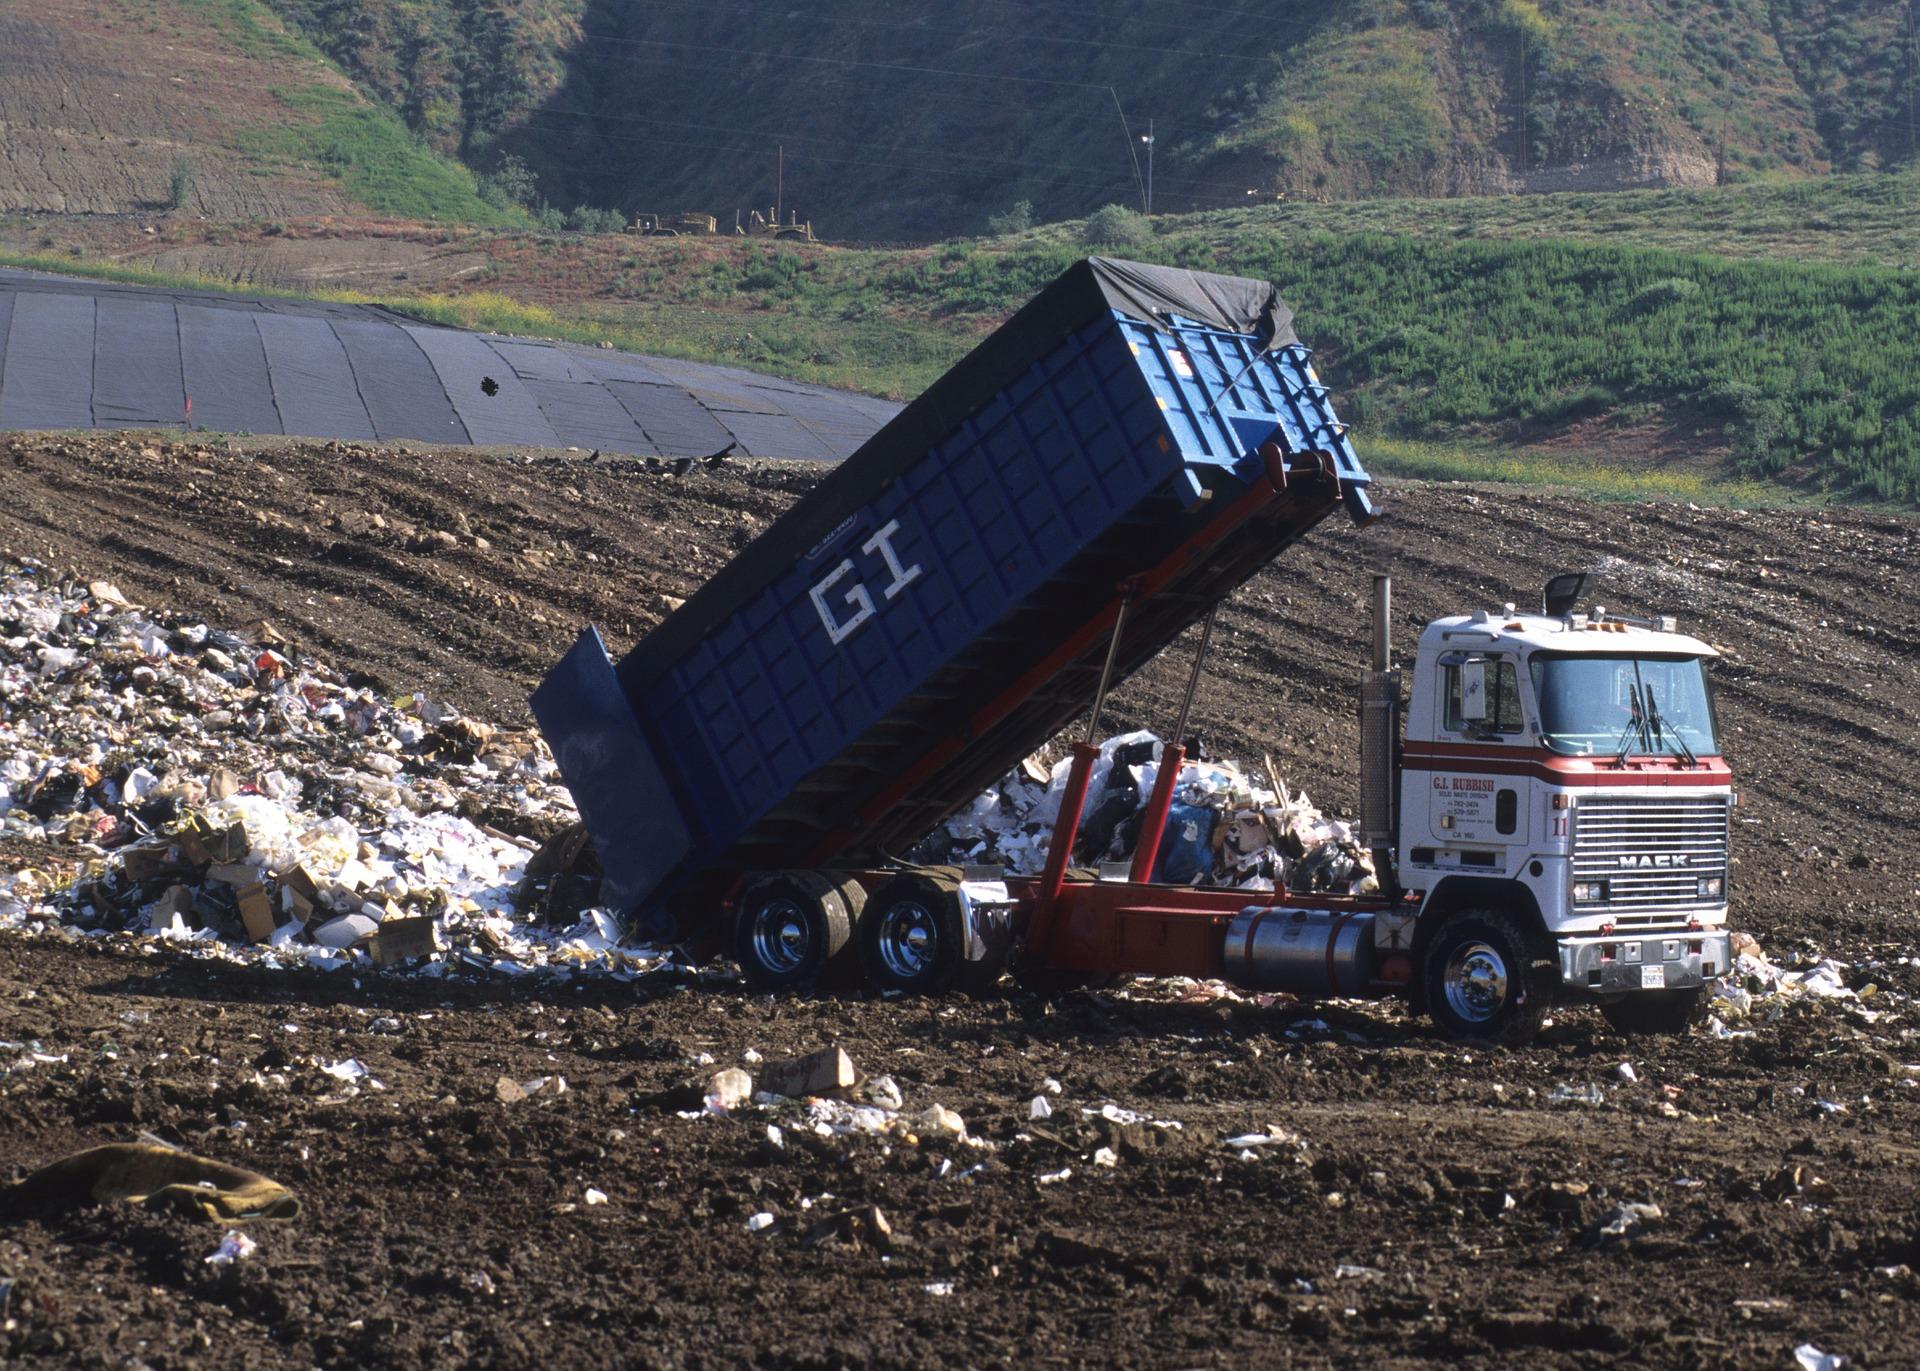 dump-truck-1396587_1920